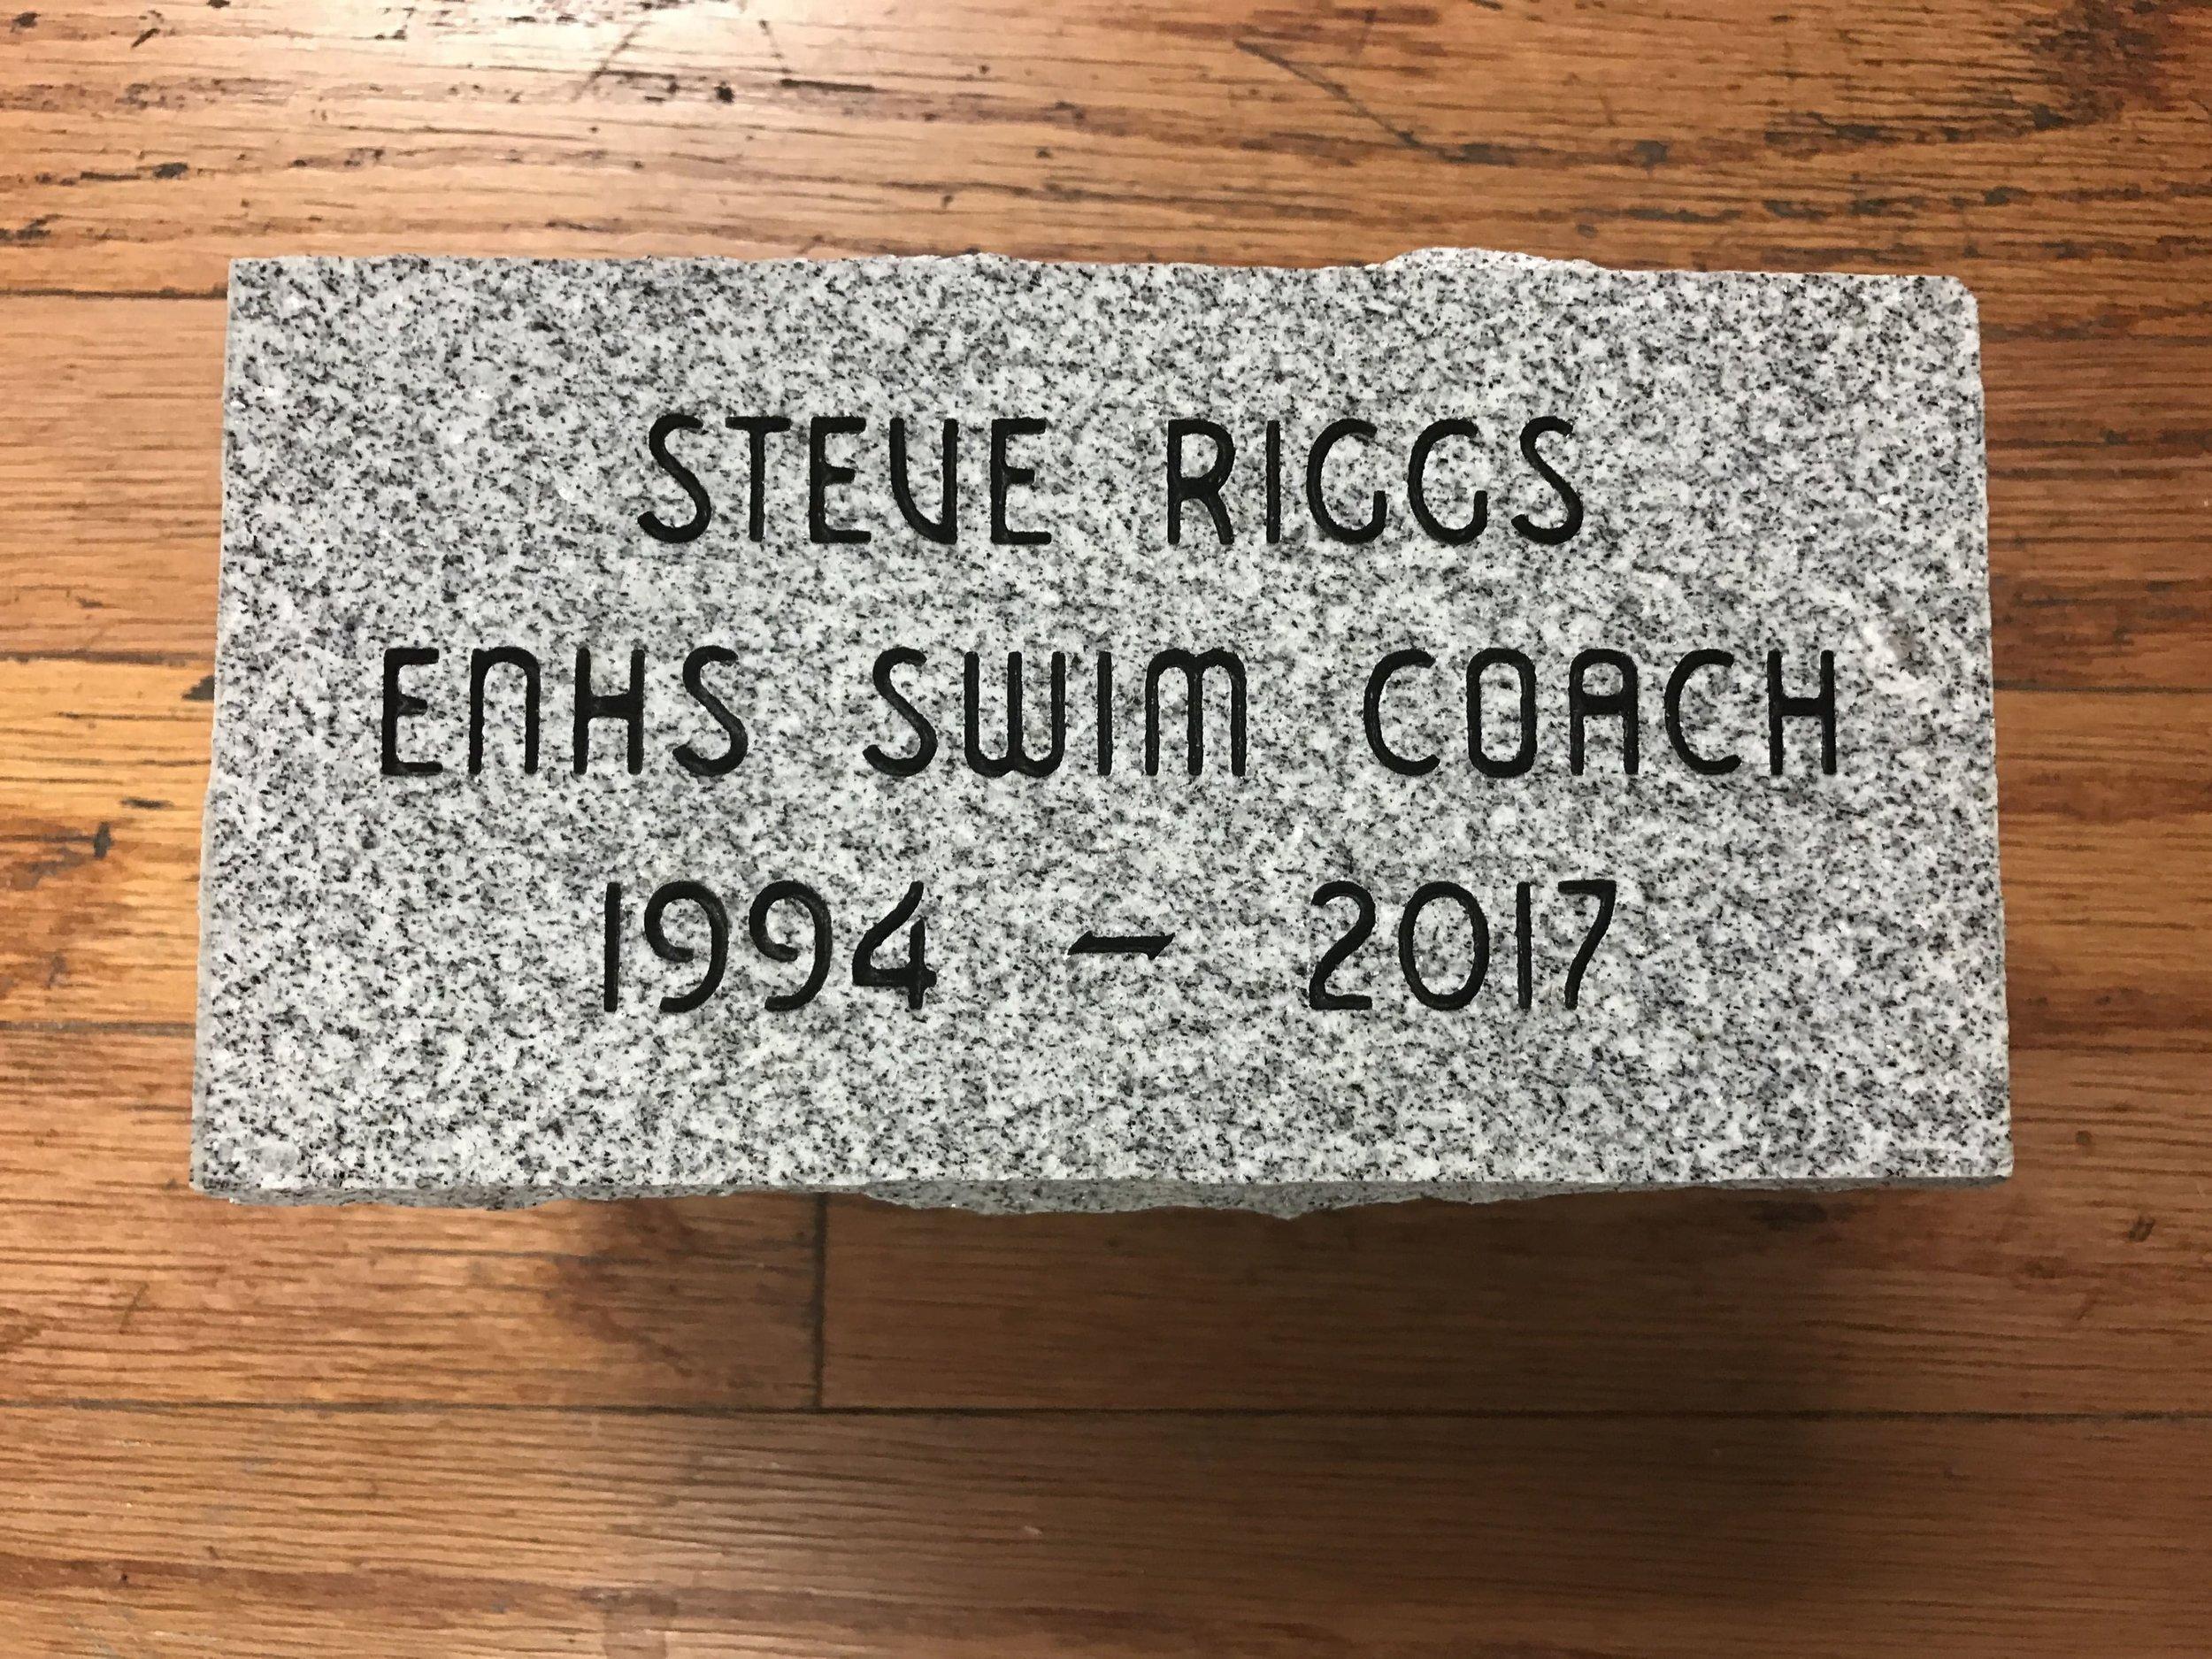 Memorial - Dedication - Stone - Granite - Coach.jpg